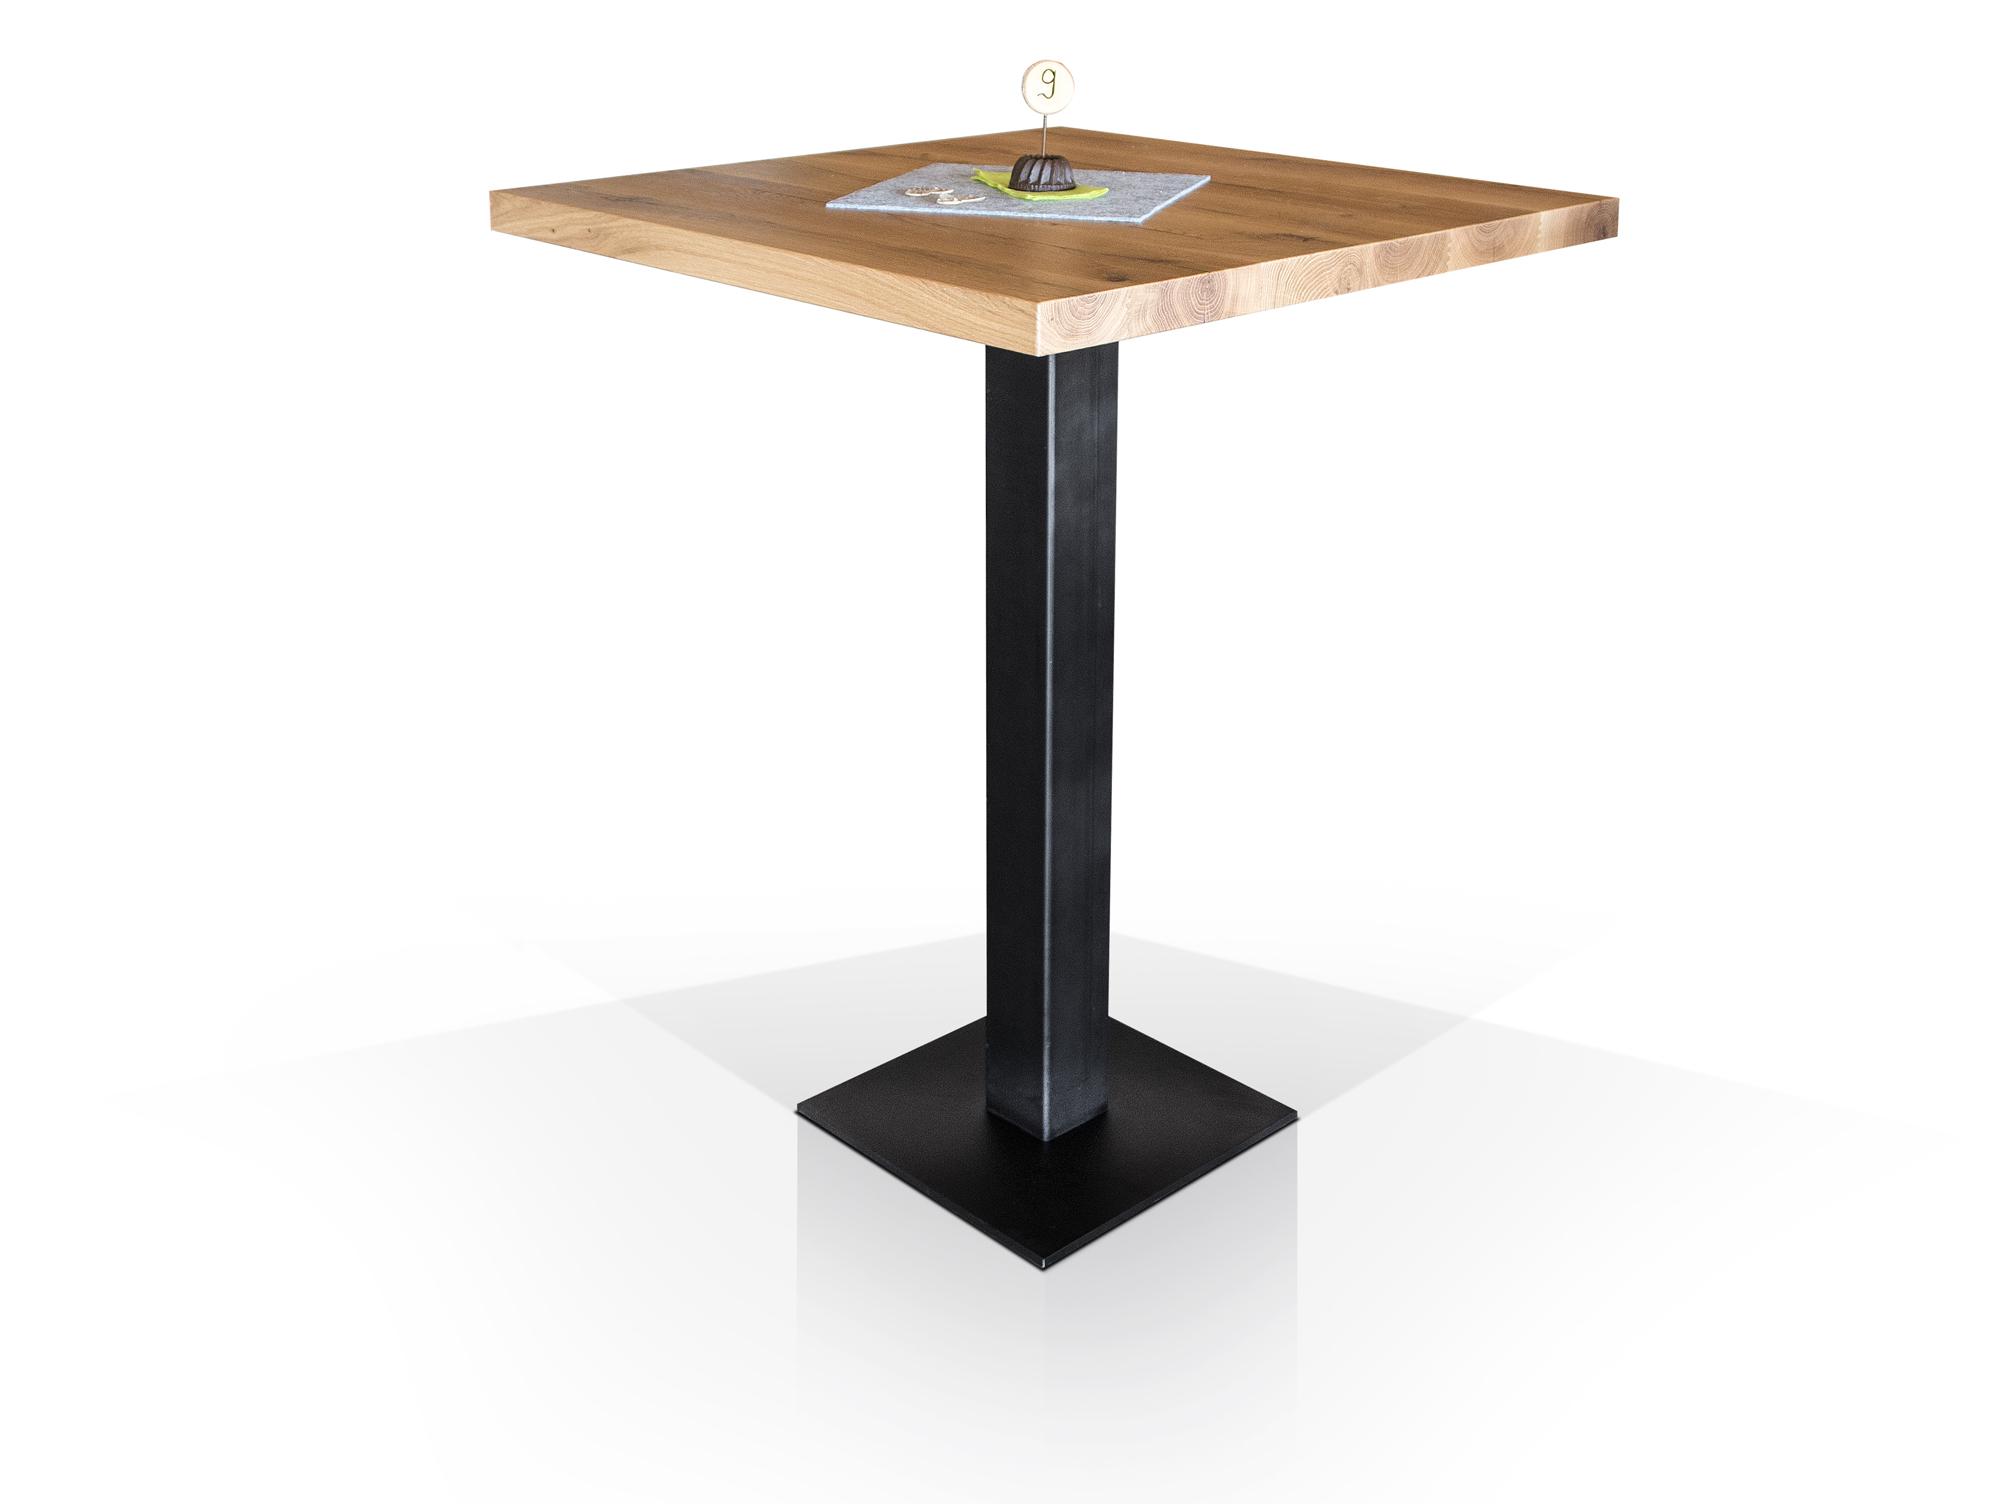 bartisch eiche mit diesem schnen stehtisch wird der traum von einer eigenen hausbar der tisch. Black Bedroom Furniture Sets. Home Design Ideas